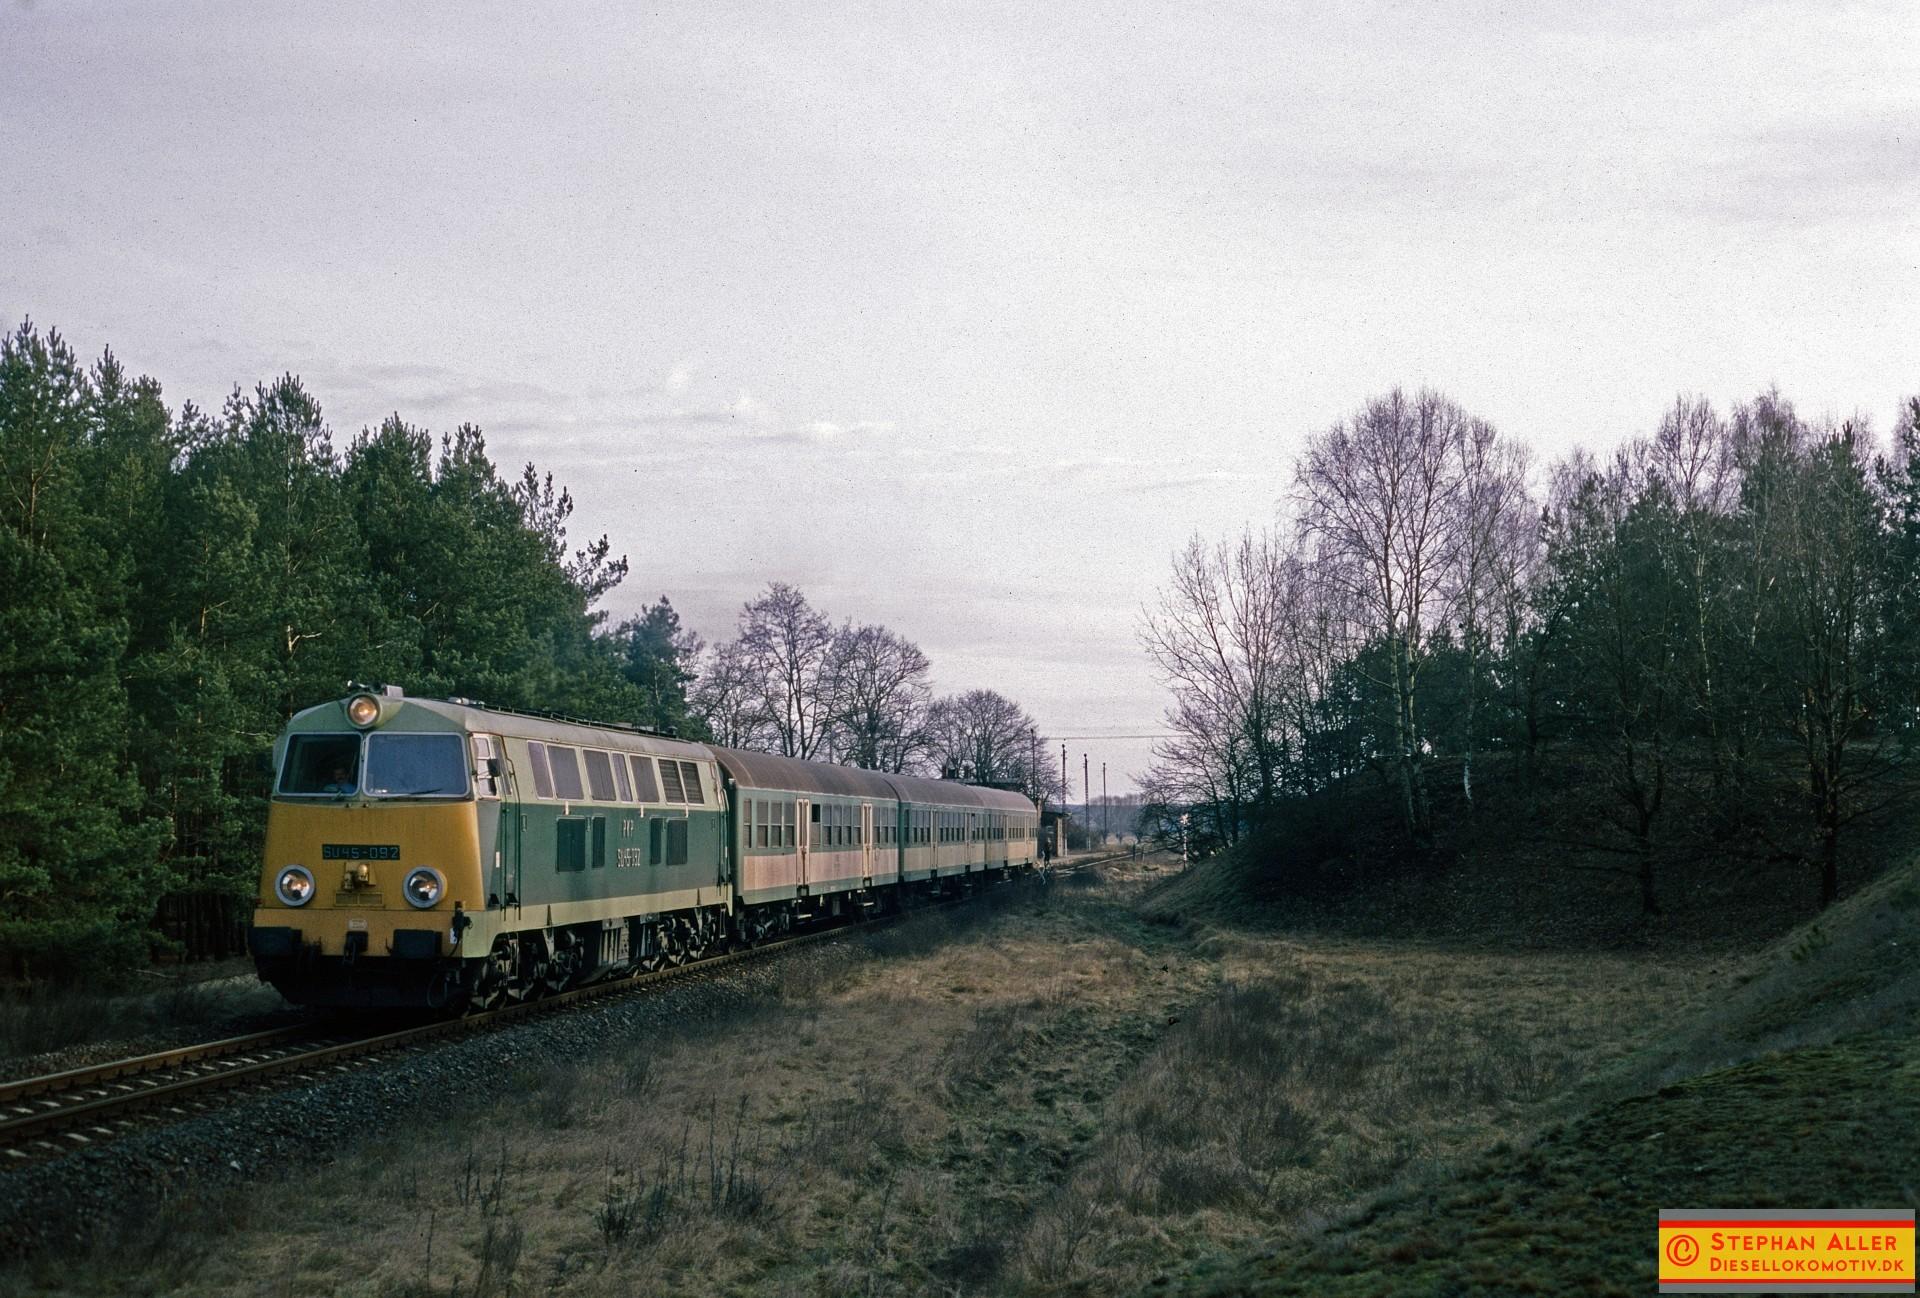 FP2846r